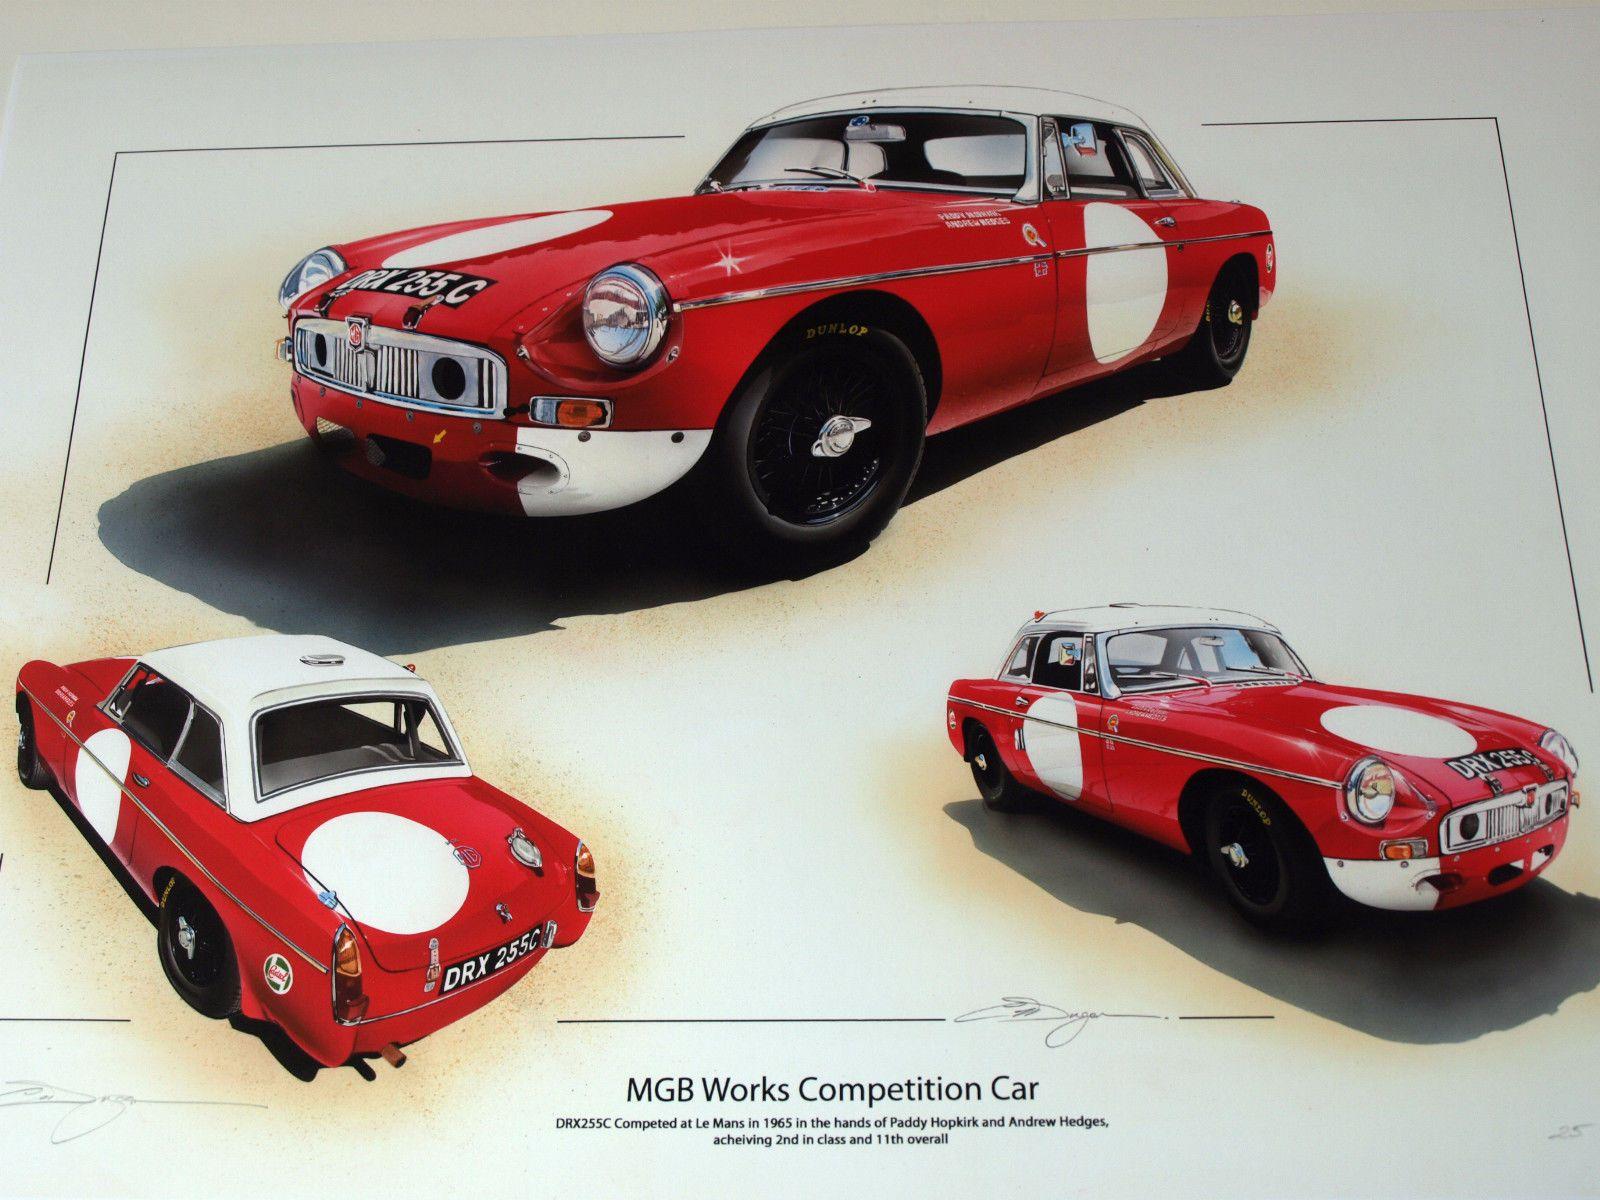 6d9283820d05dc3f347372d1ad93ab24 Fabulous Ferrari Mondial 8 Super Elite Cars Trend